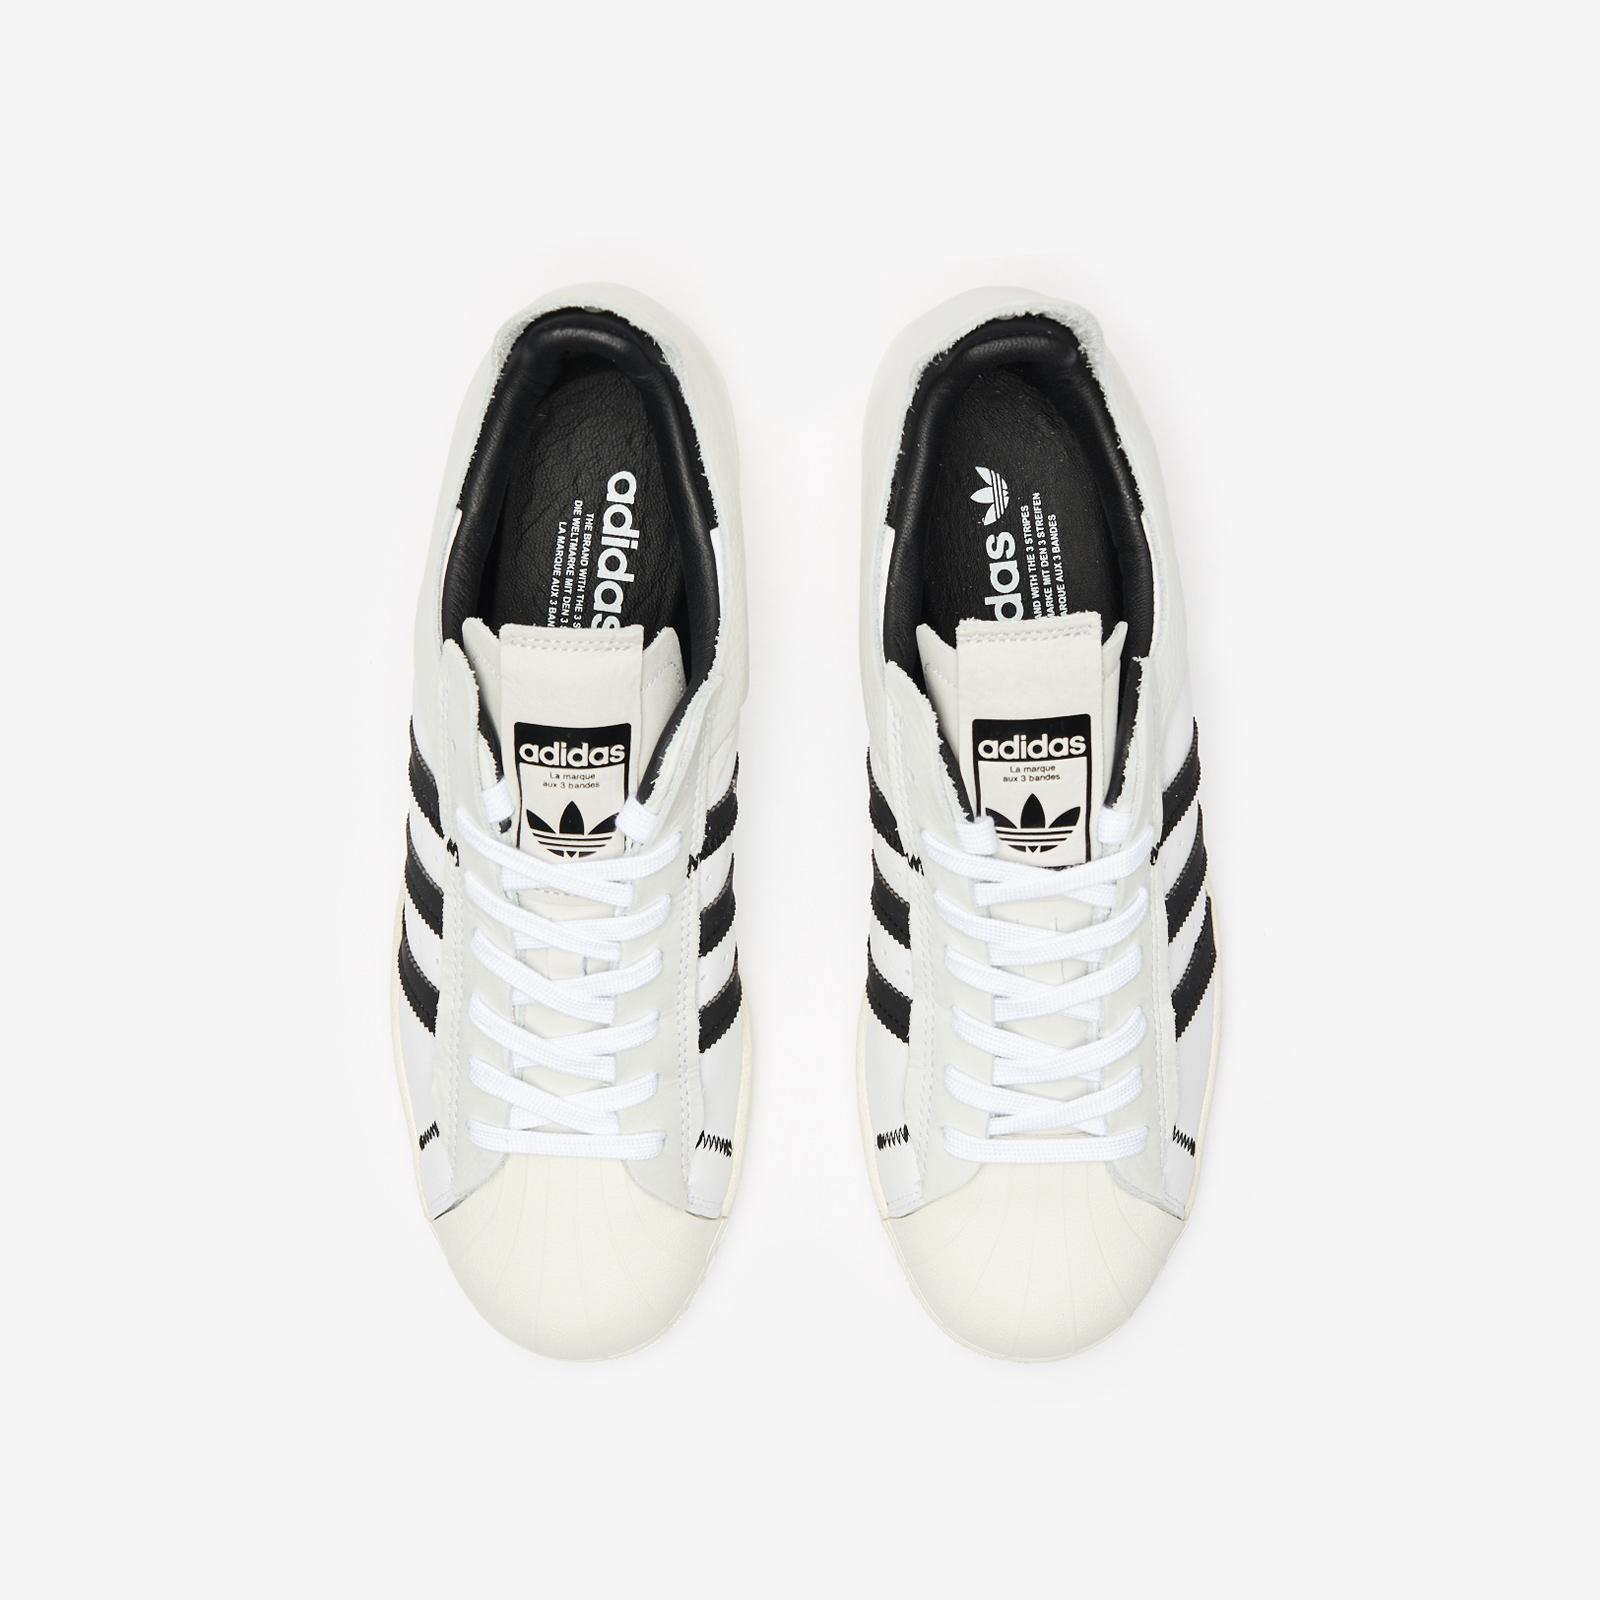 adidas Superstar WS2 Fv3024 Sneakersnstuff | sneakers